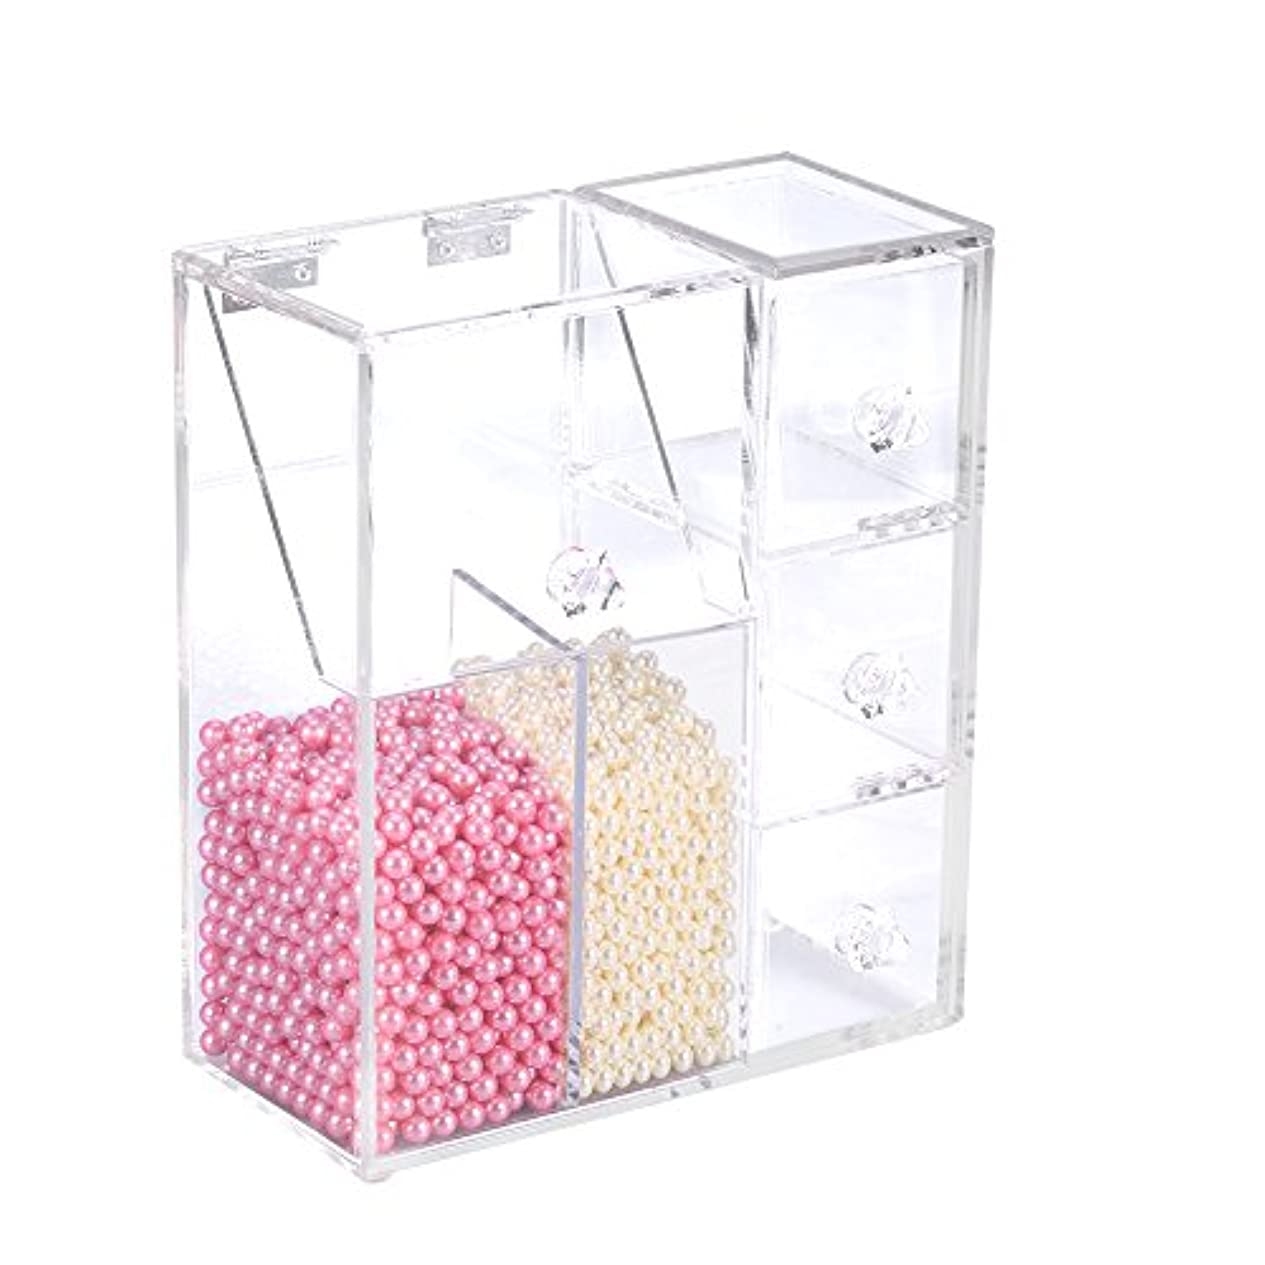 考えたご飯アーサークリアアクリル化粧ブラシ収納ボックスホルダー化粧品オーガナイザーコンテナケースラック